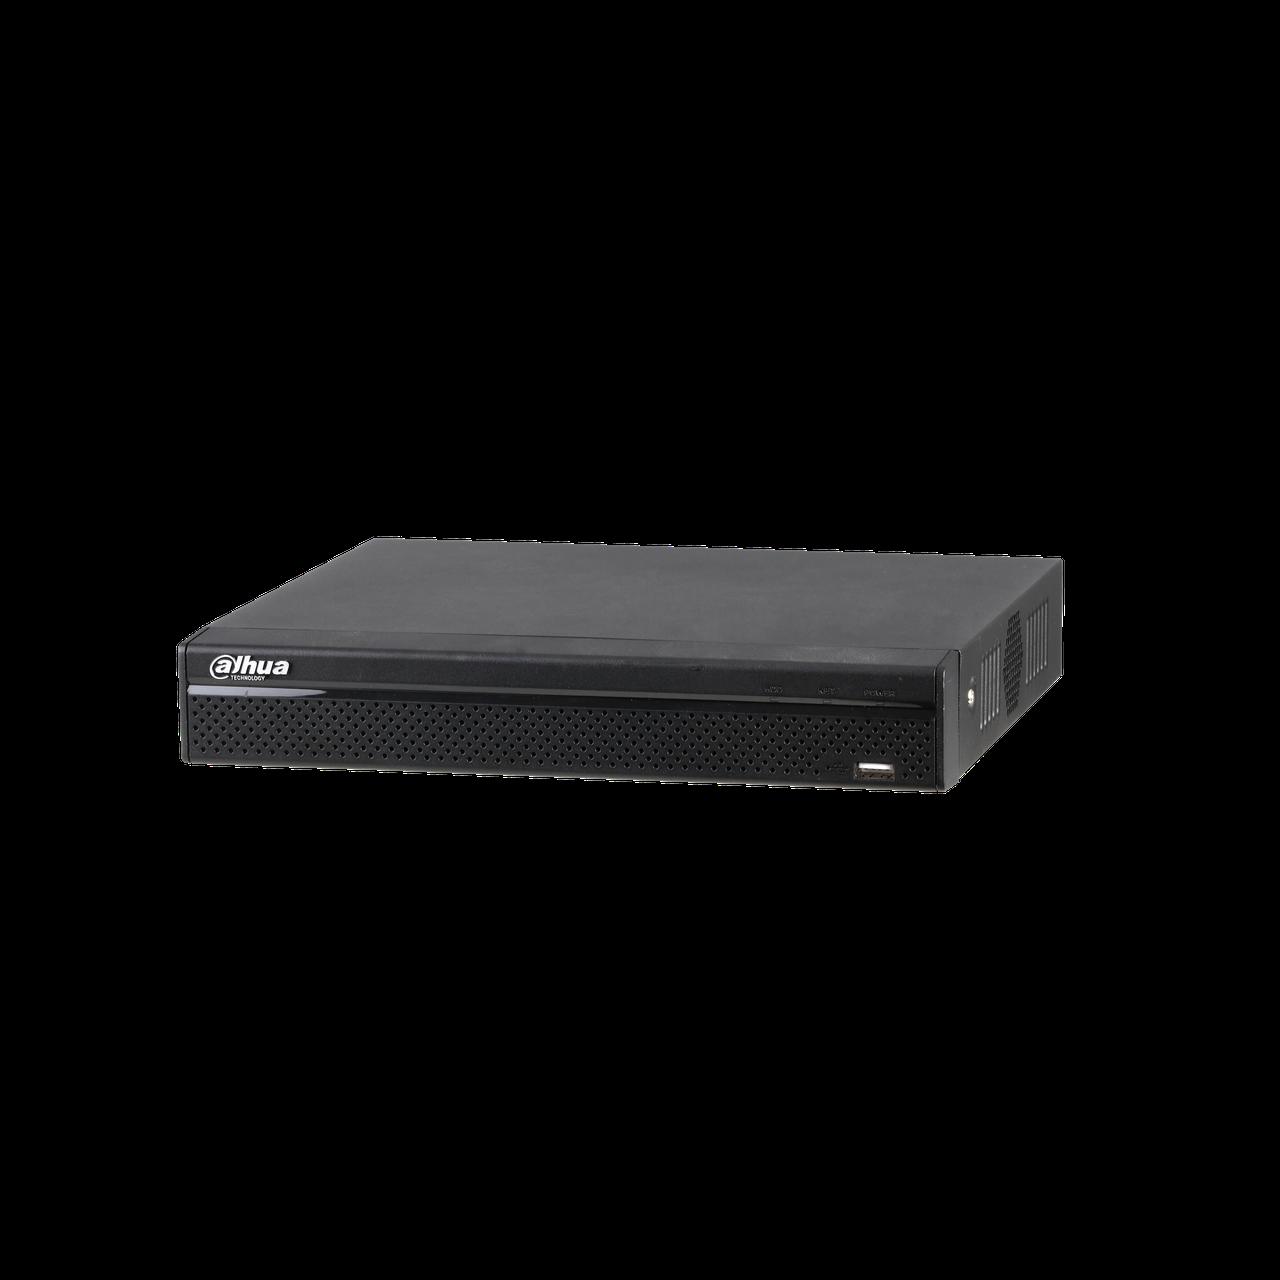 Dahua XVR4216AN 16 канальный видеорегистратор Penta-brid